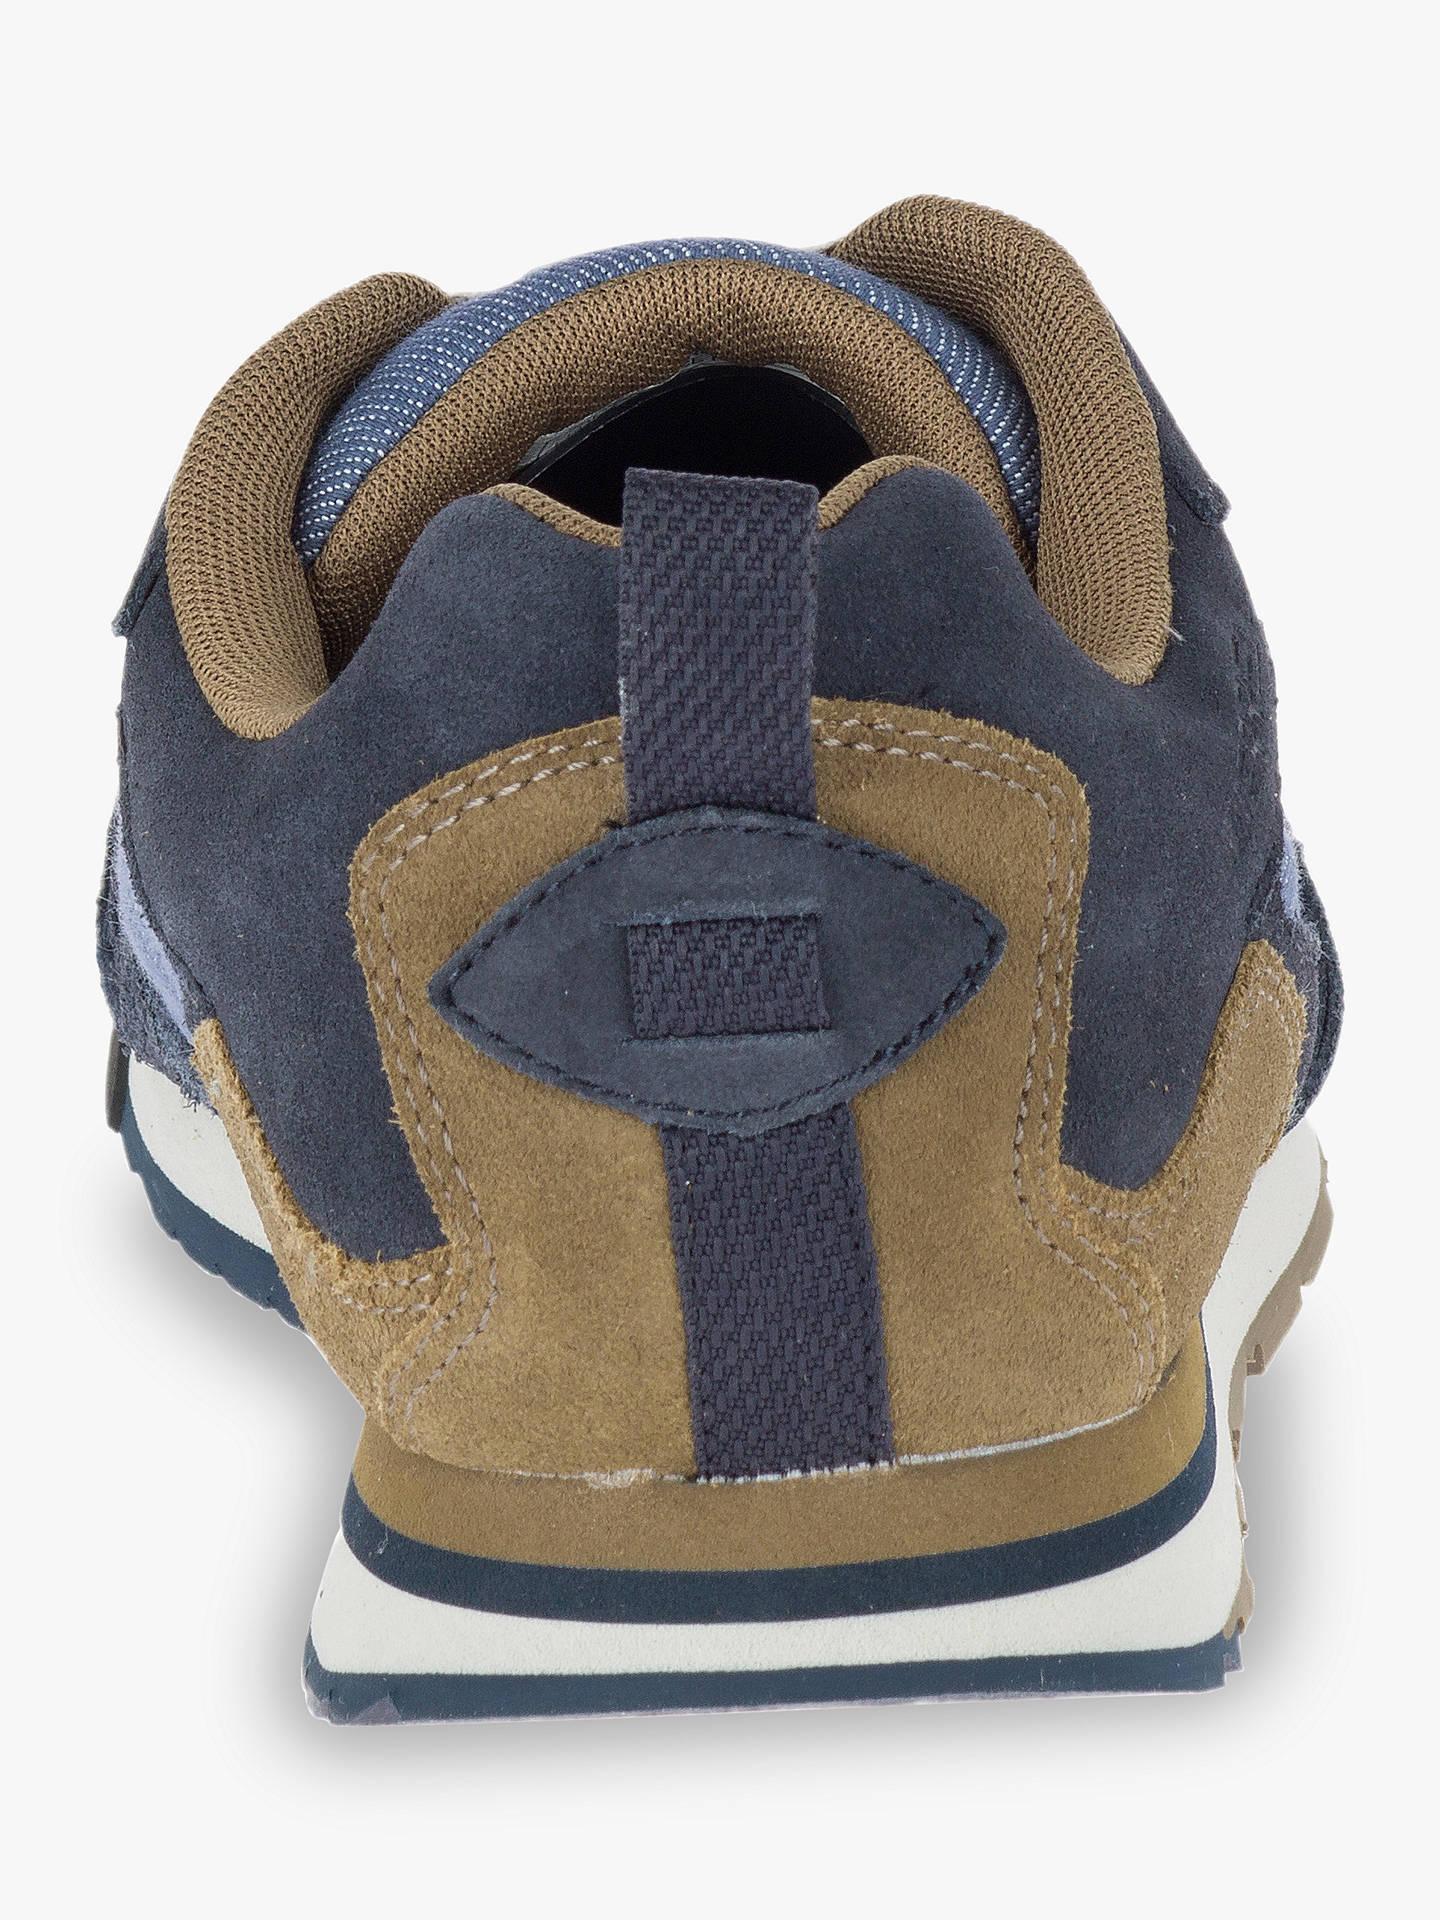 Merrell Burnt Rock Men's Shoes, KangarooDenim Blue at John